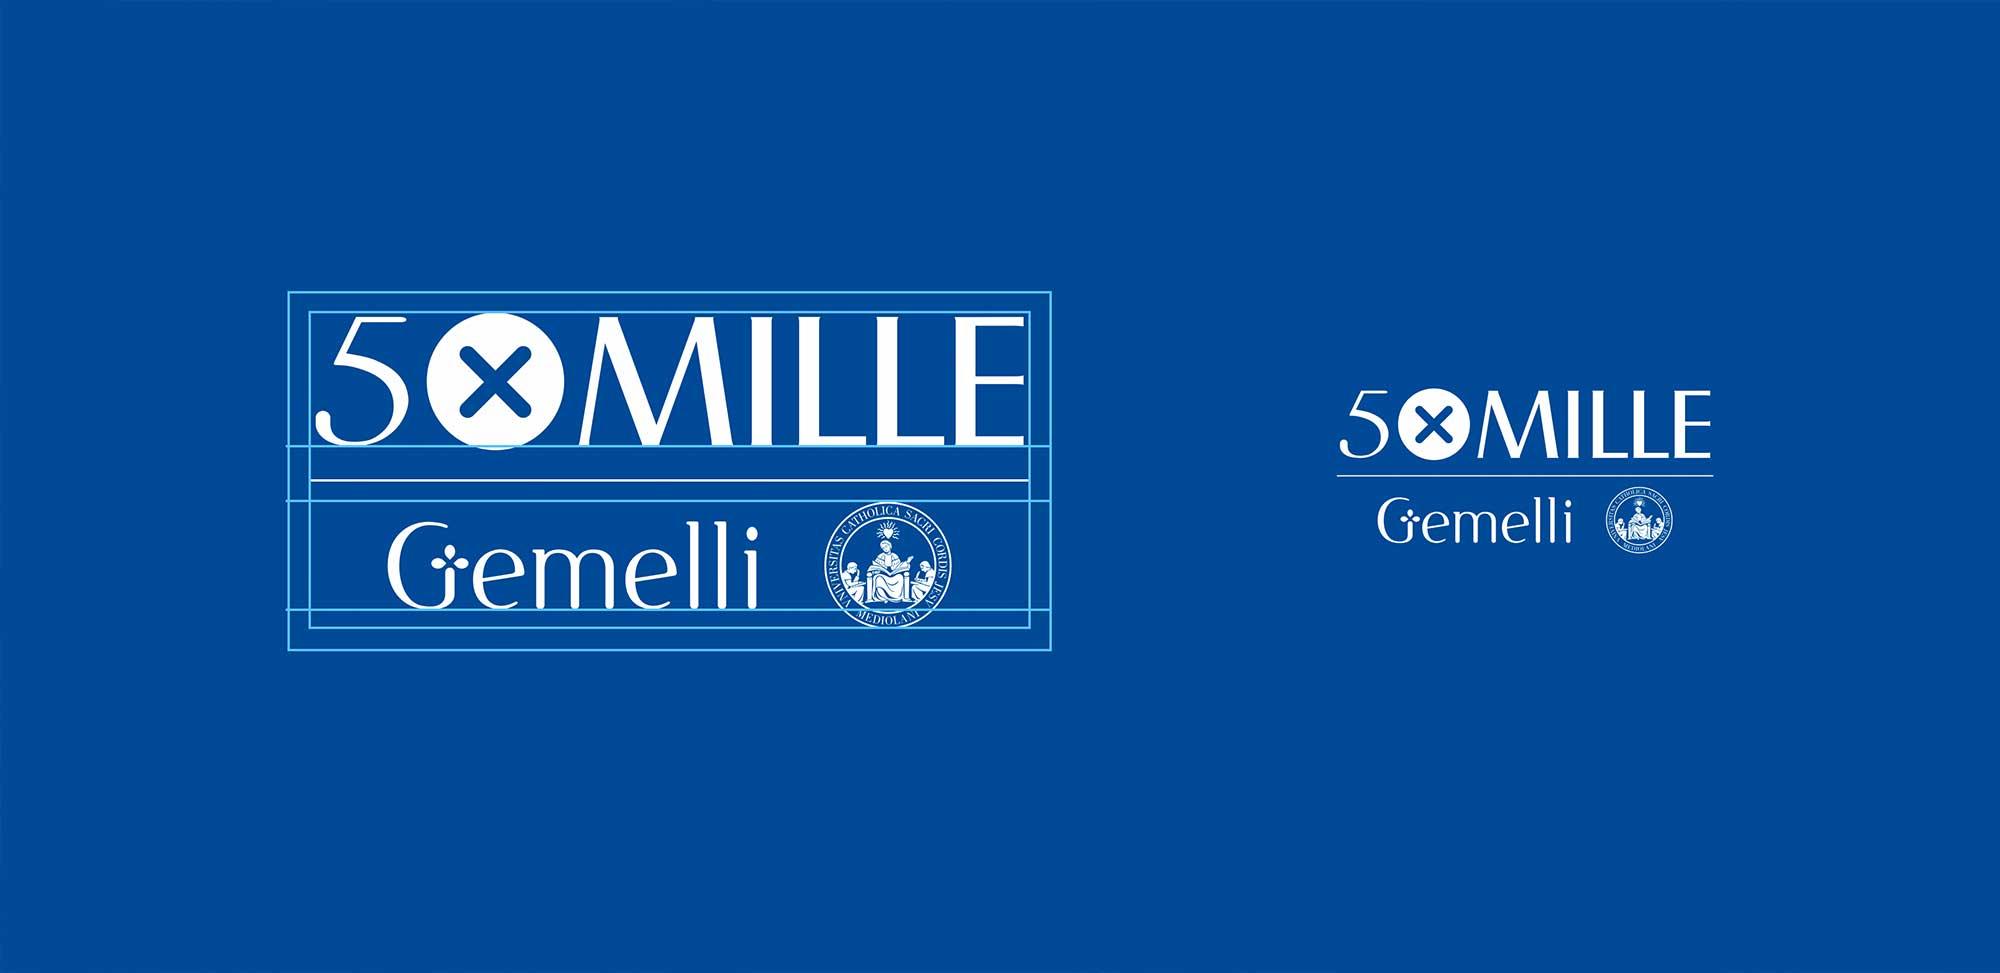 Costruzione del marchio Gemelli 5xMille